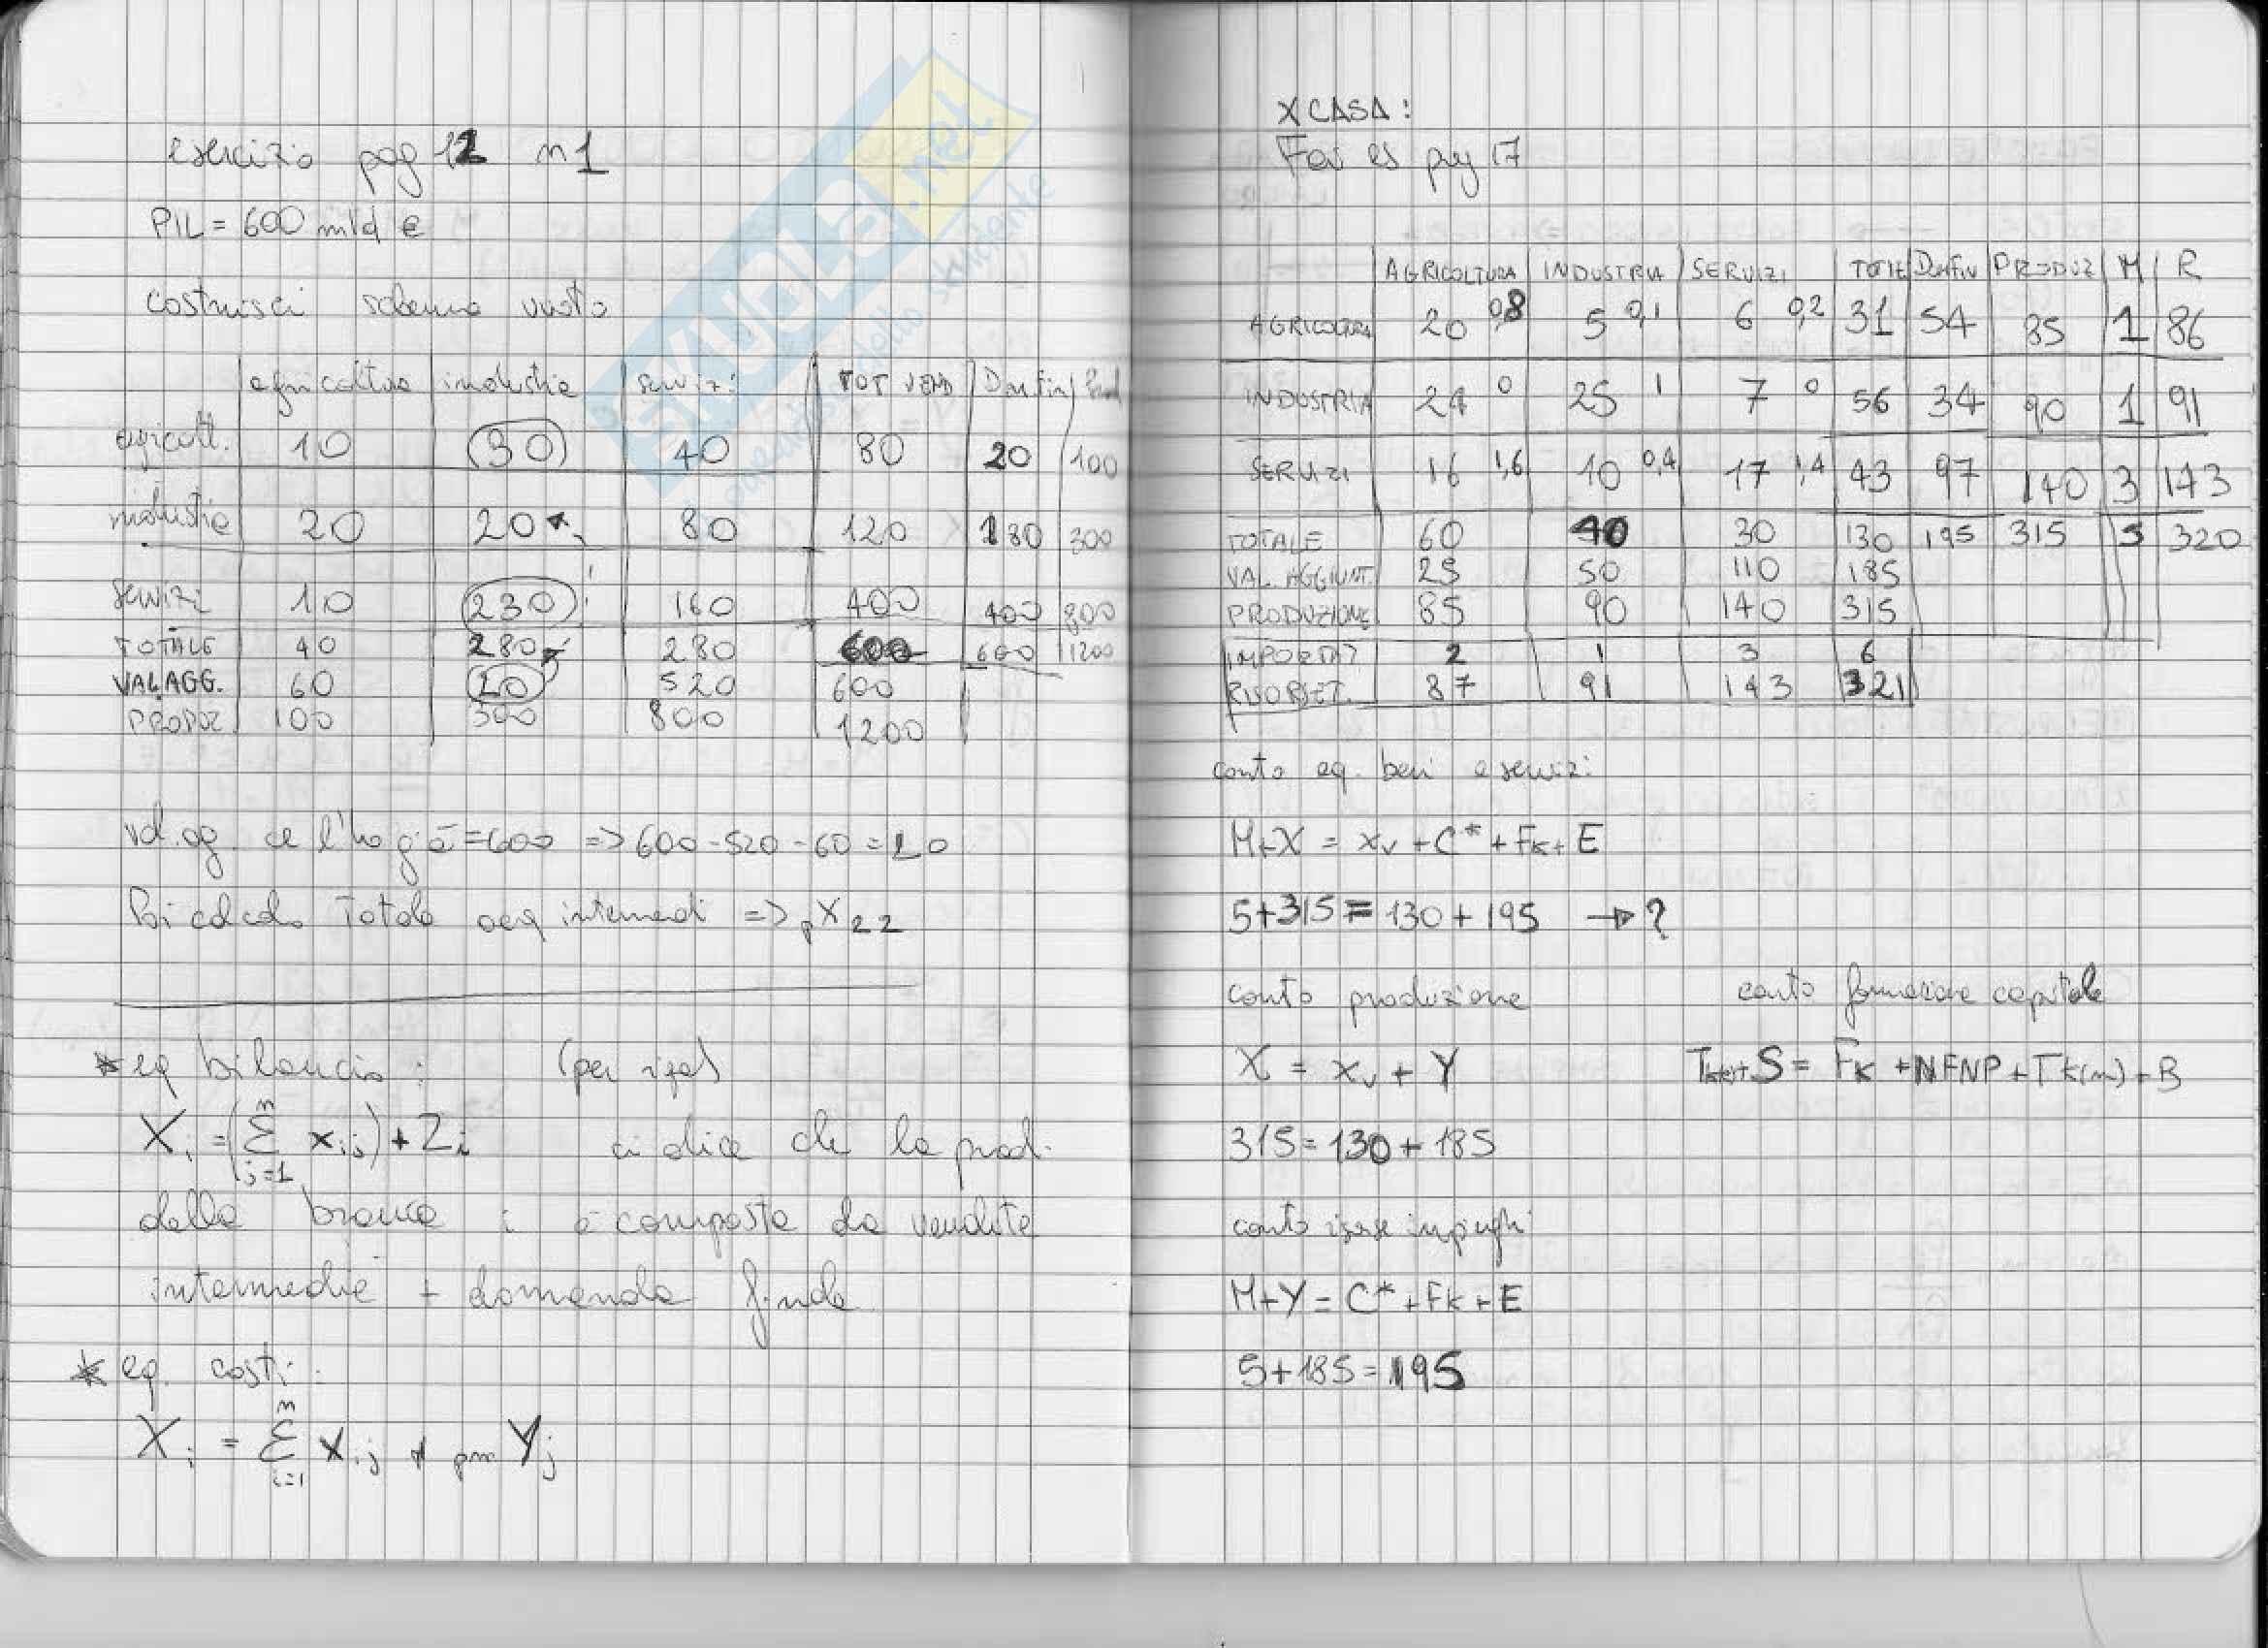 Contabilità disaggregata e tavola di Leontief